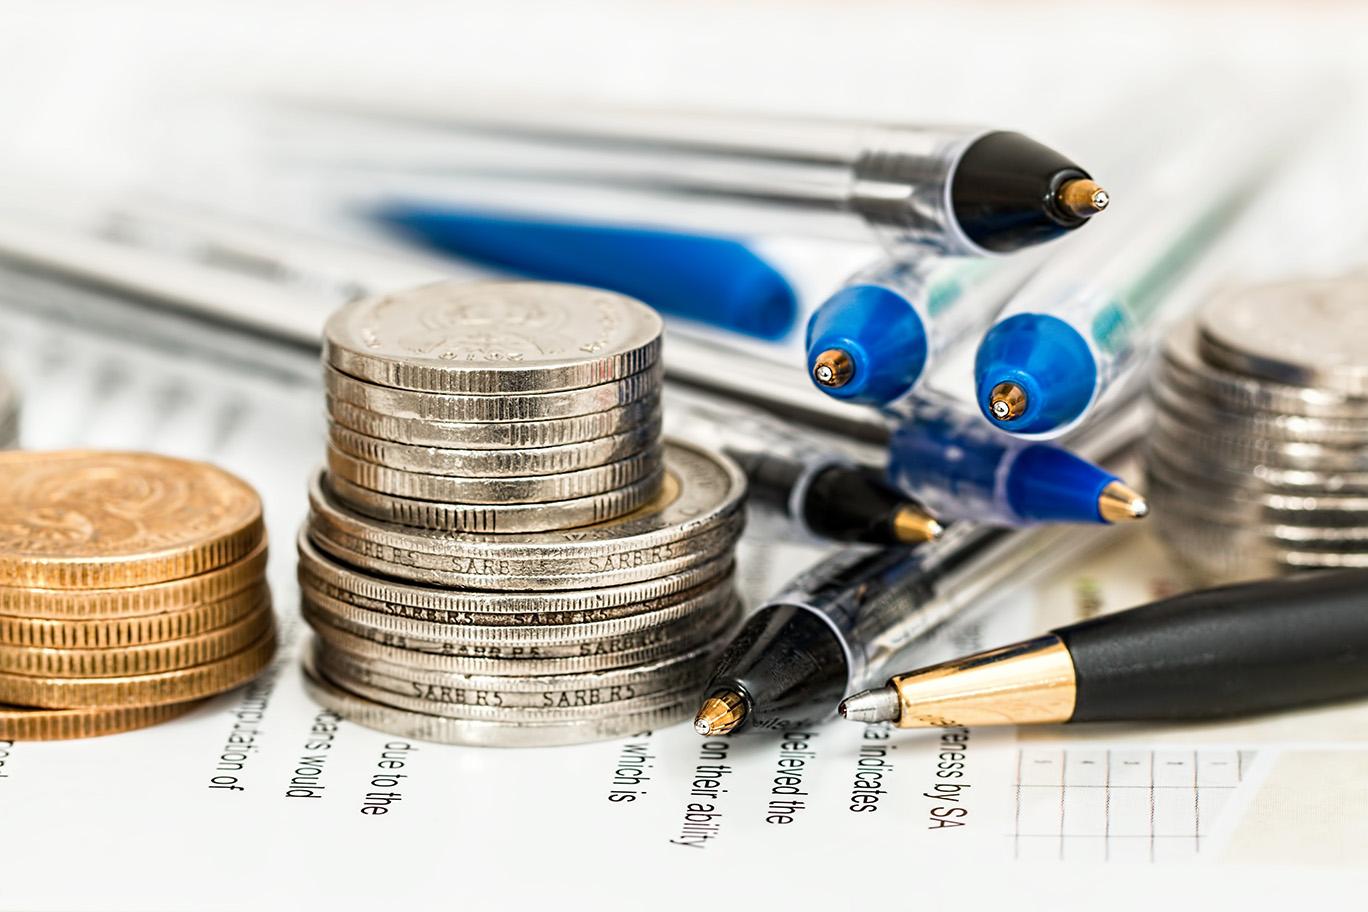 Aún estás a tiempo de ordenar tus finanzas, 8 propósitos para el 2018